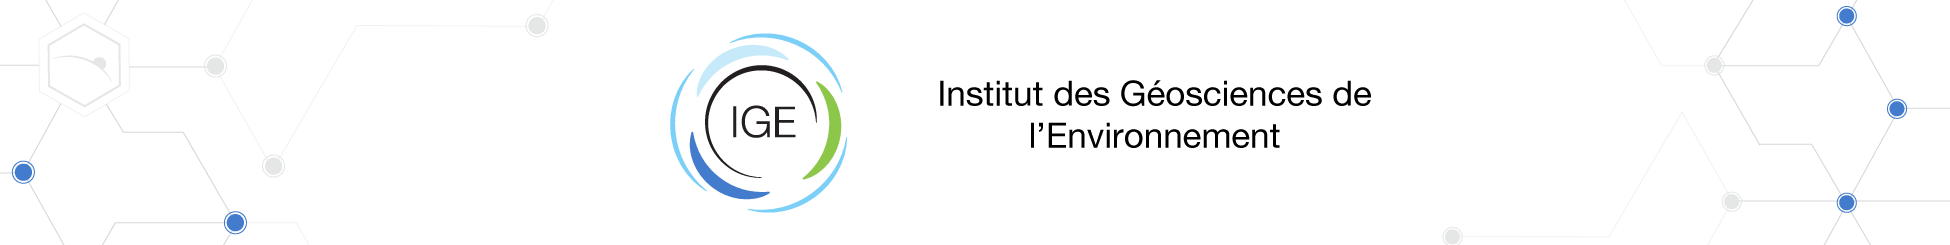 2010-2011 - Institut des Géosciences de l'Environnement